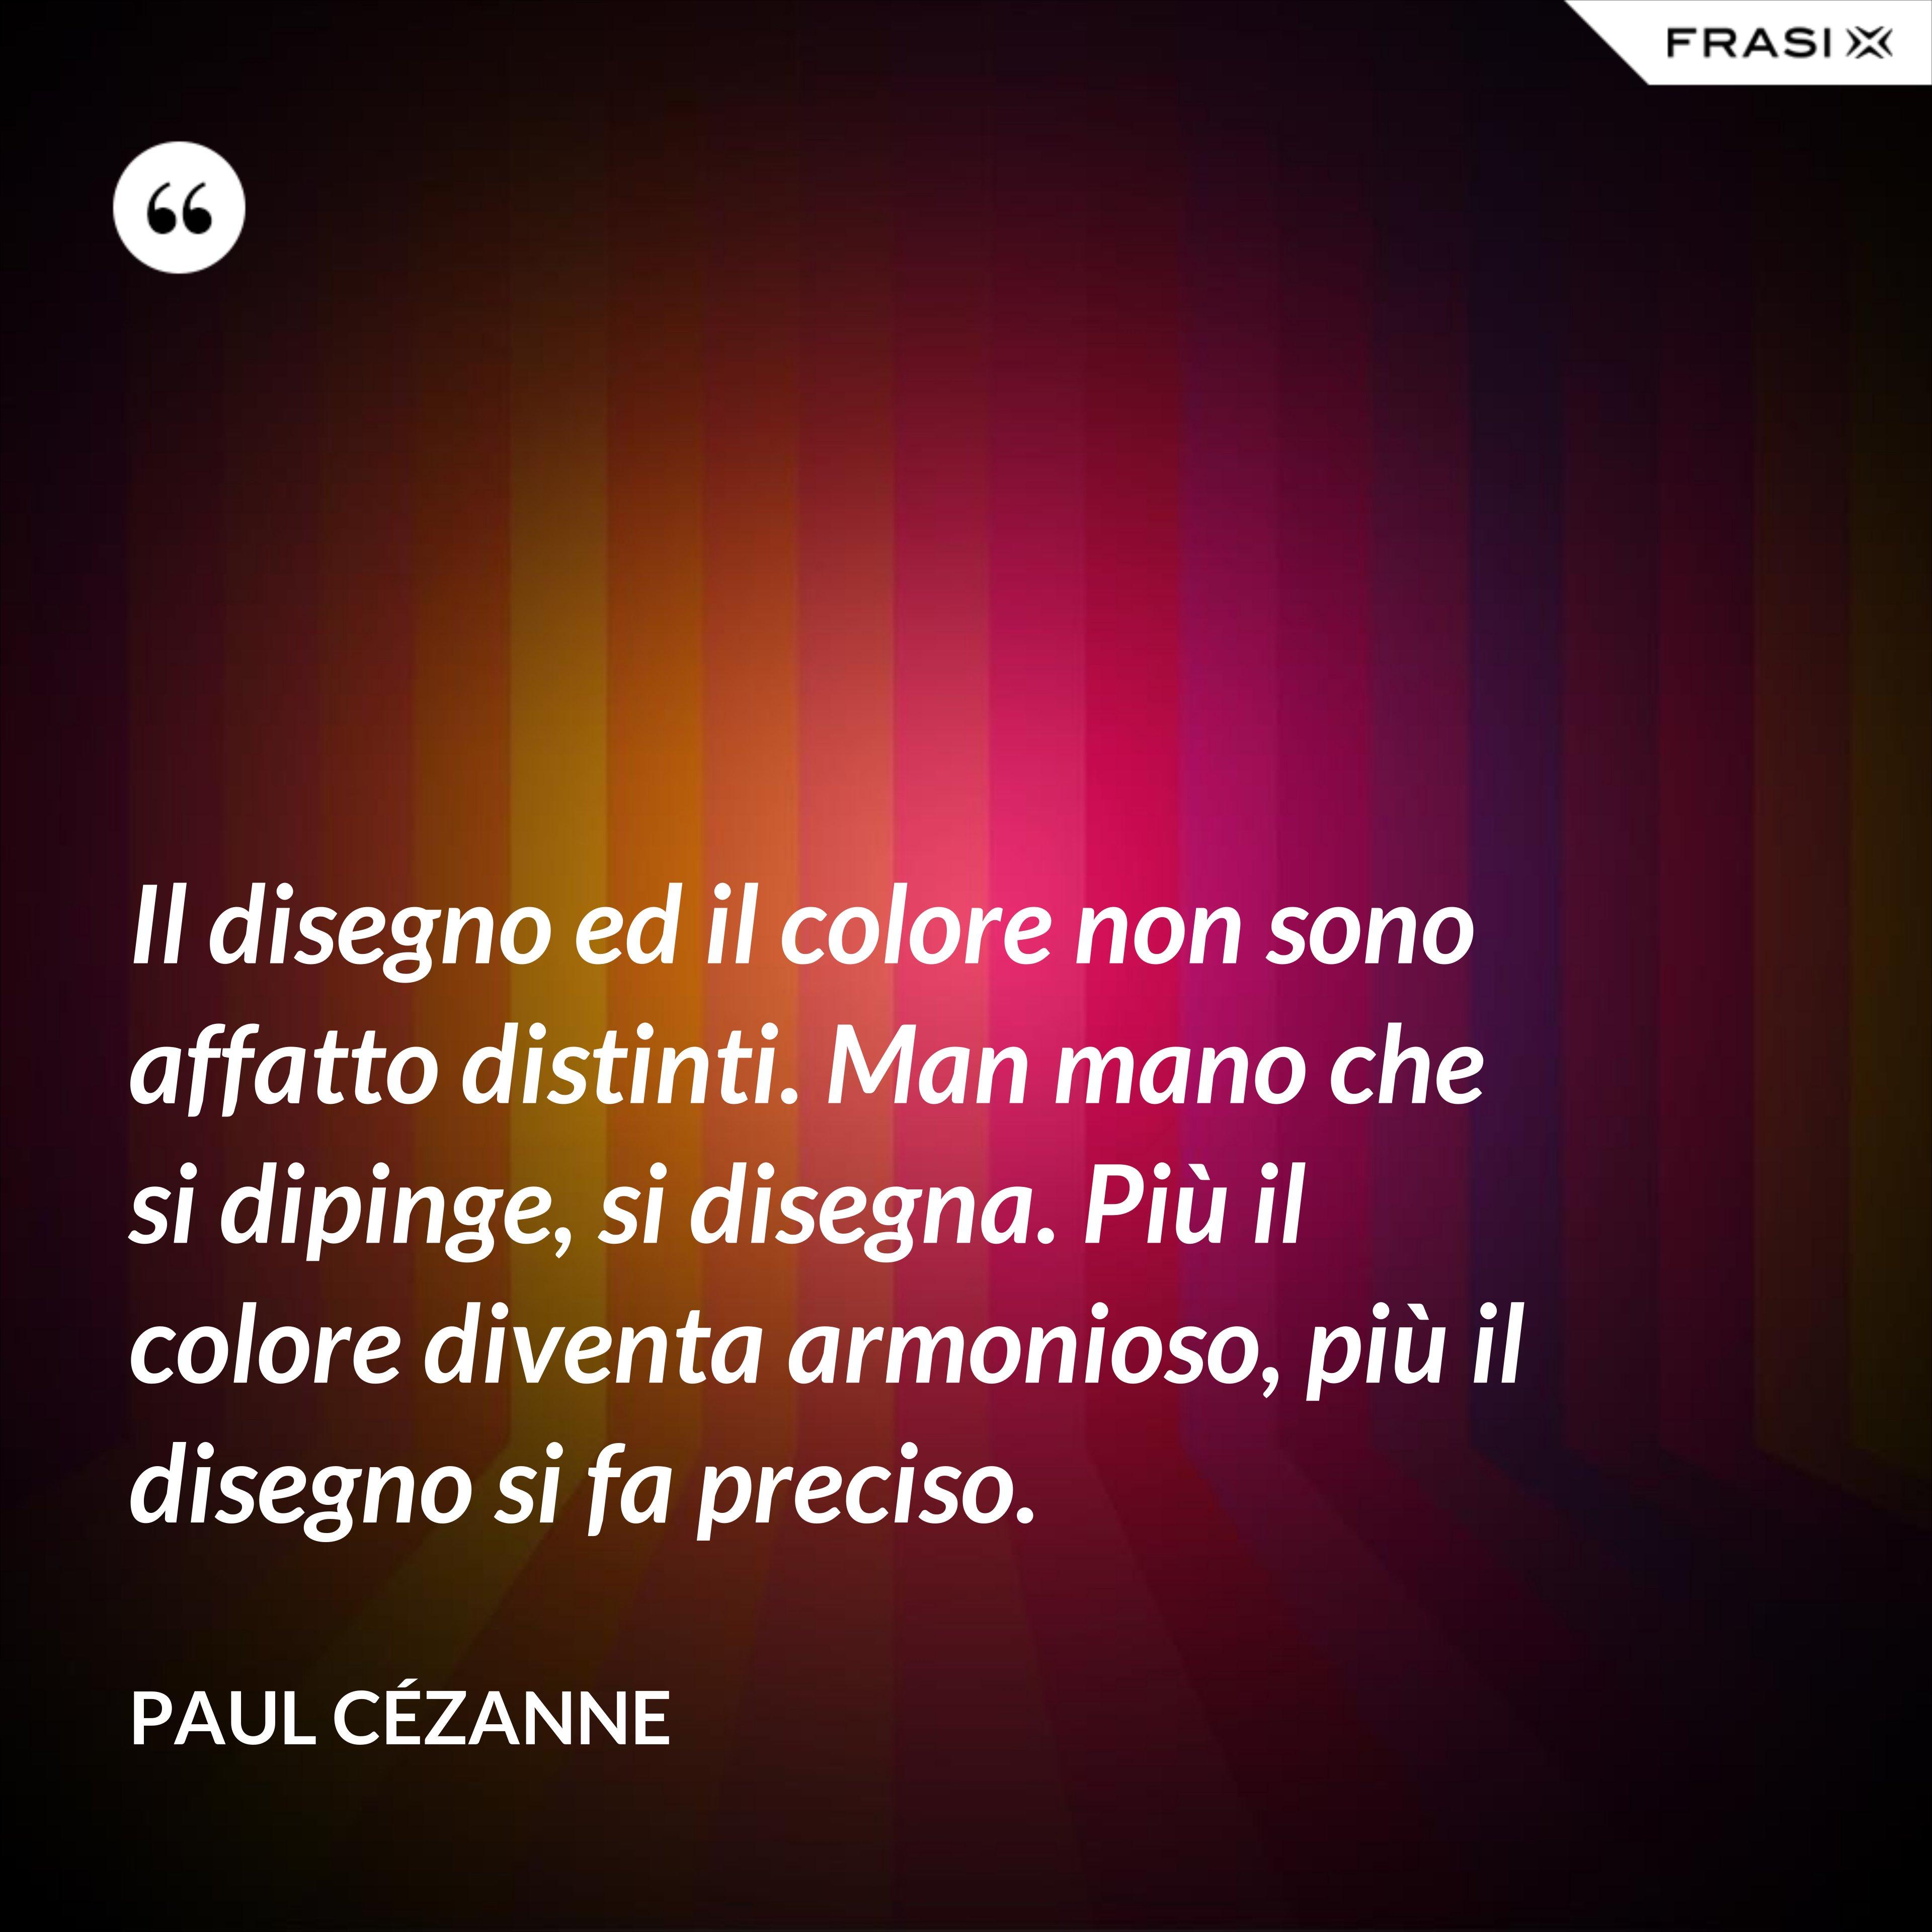 Il disegno ed il colore non sono affatto distinti. Man mano che si dipinge, si disegna. Più il colore diventa armonioso, più il disegno si fa preciso. - Paul Cézanne